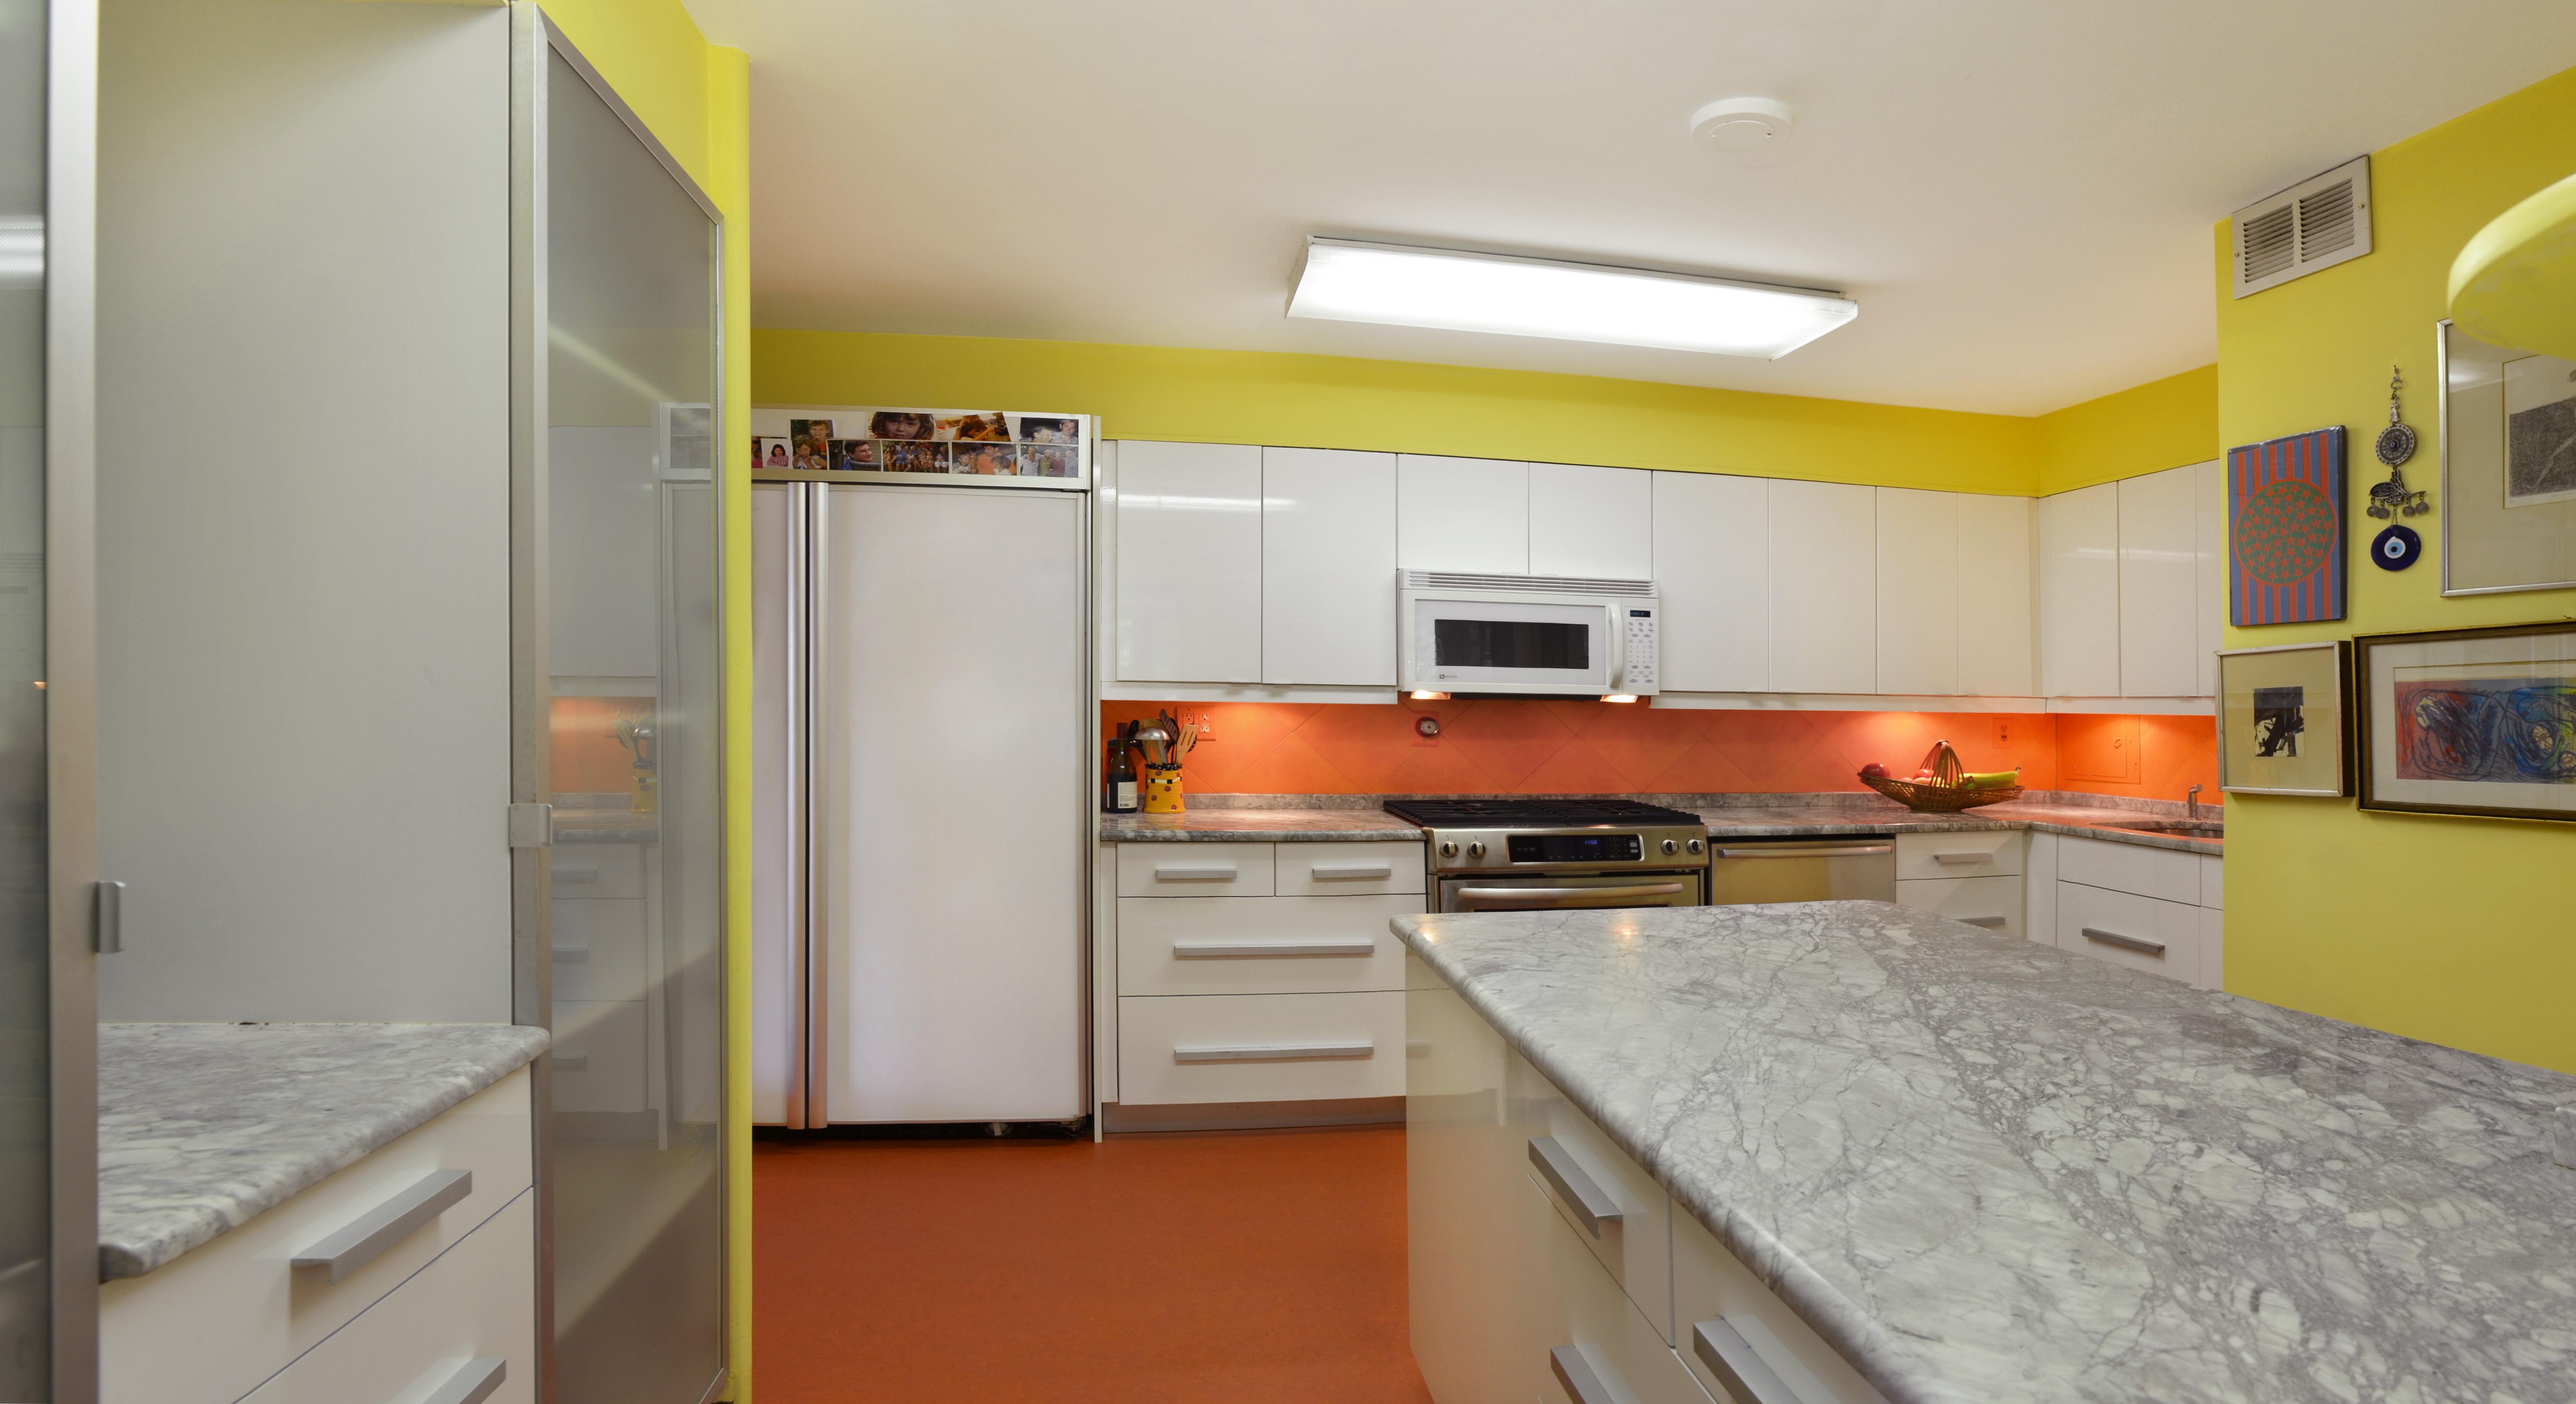 05_Kitchen 2_ret.JPG